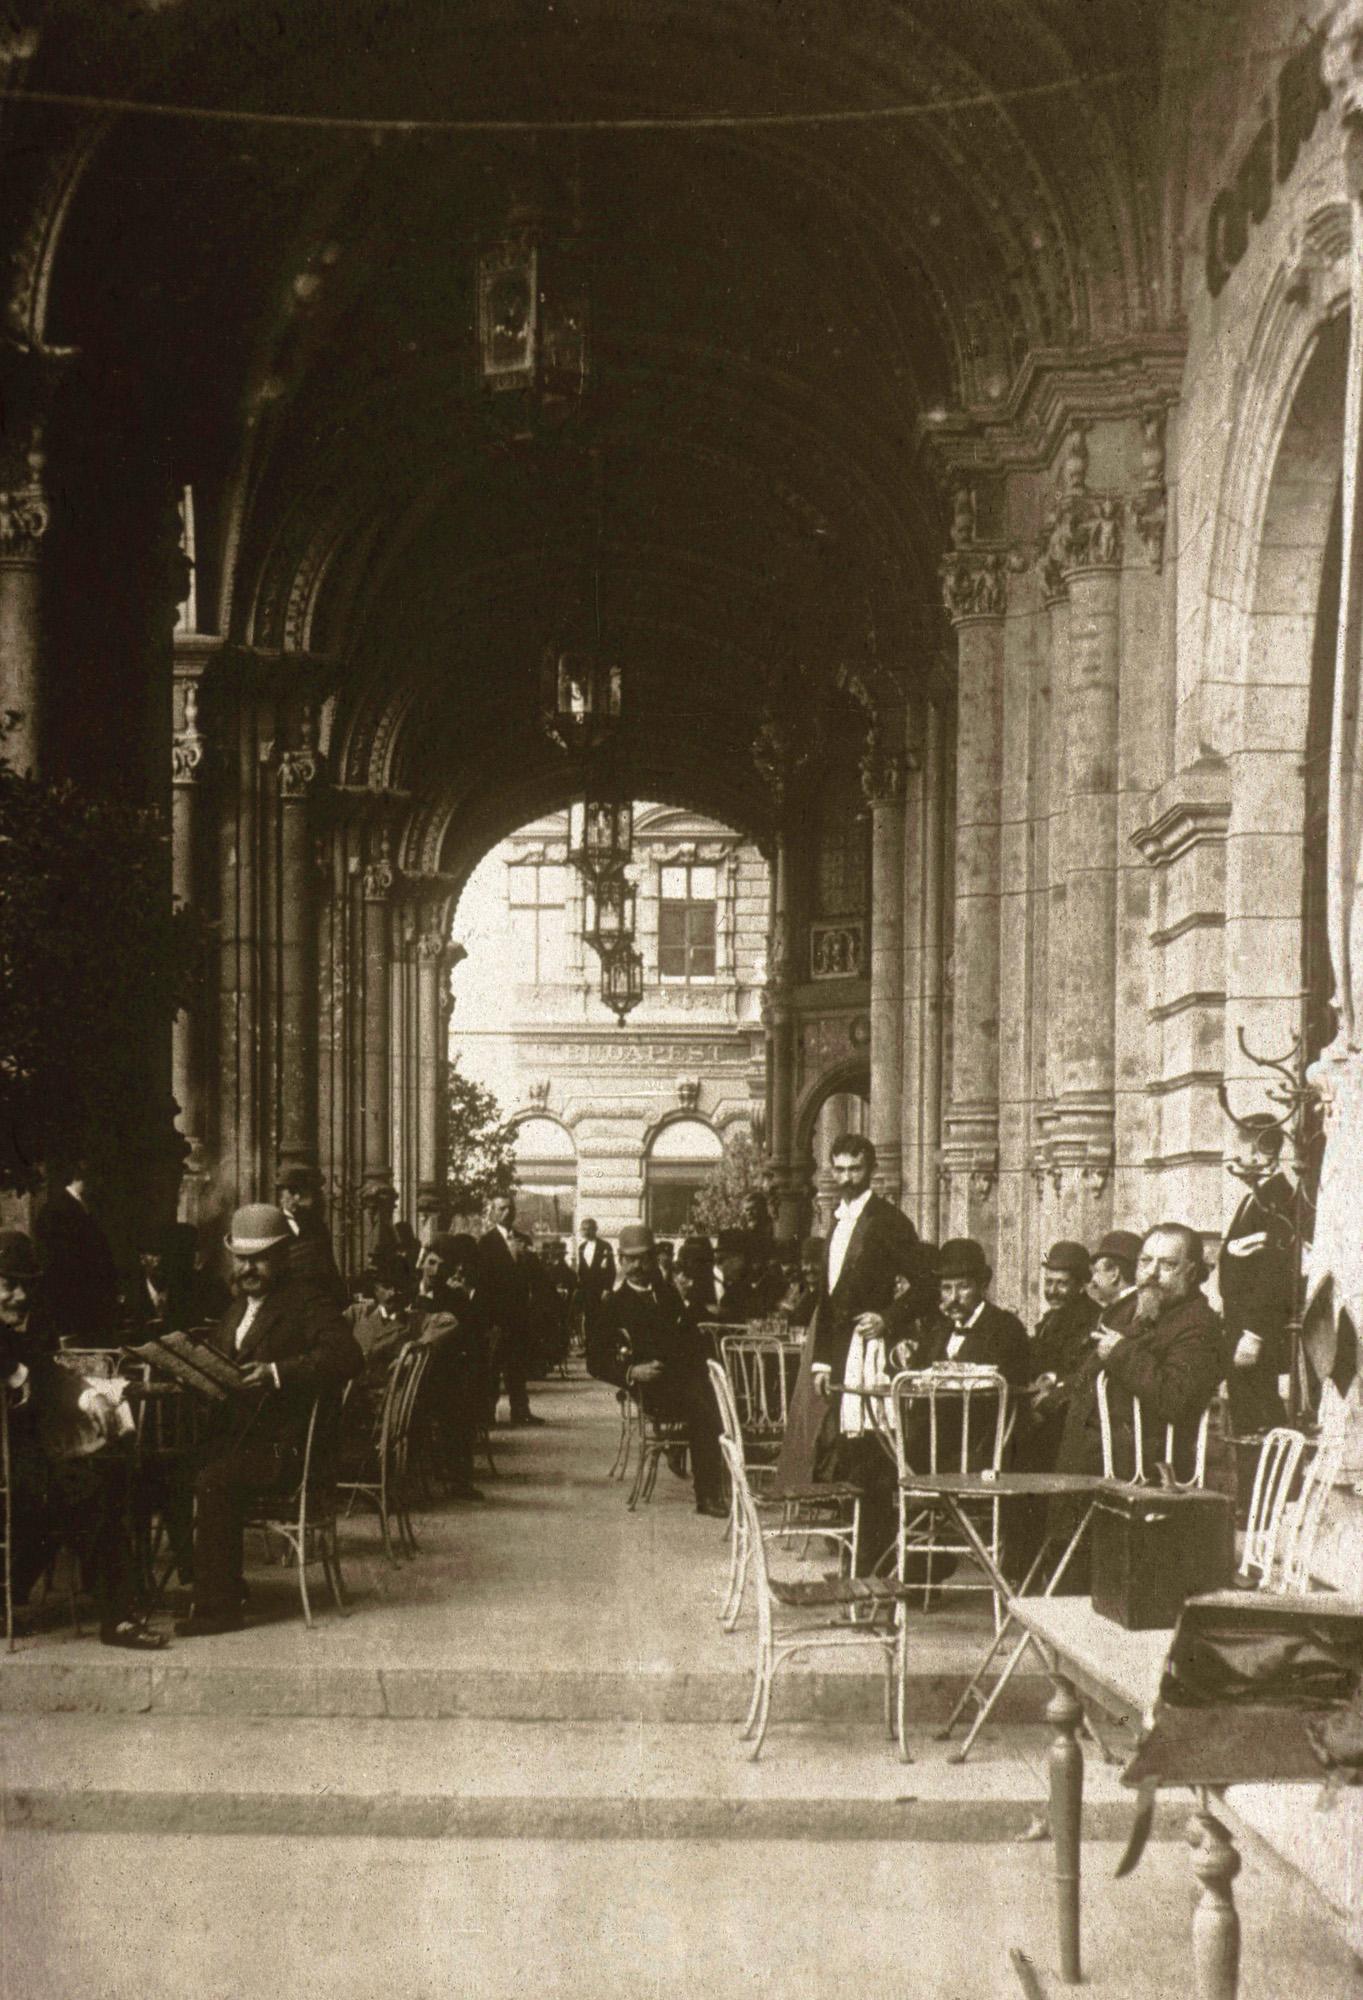 Fotó: Klösz György: A Reitter kávéház, 1896 (Kisképző Digitális Fotótár)